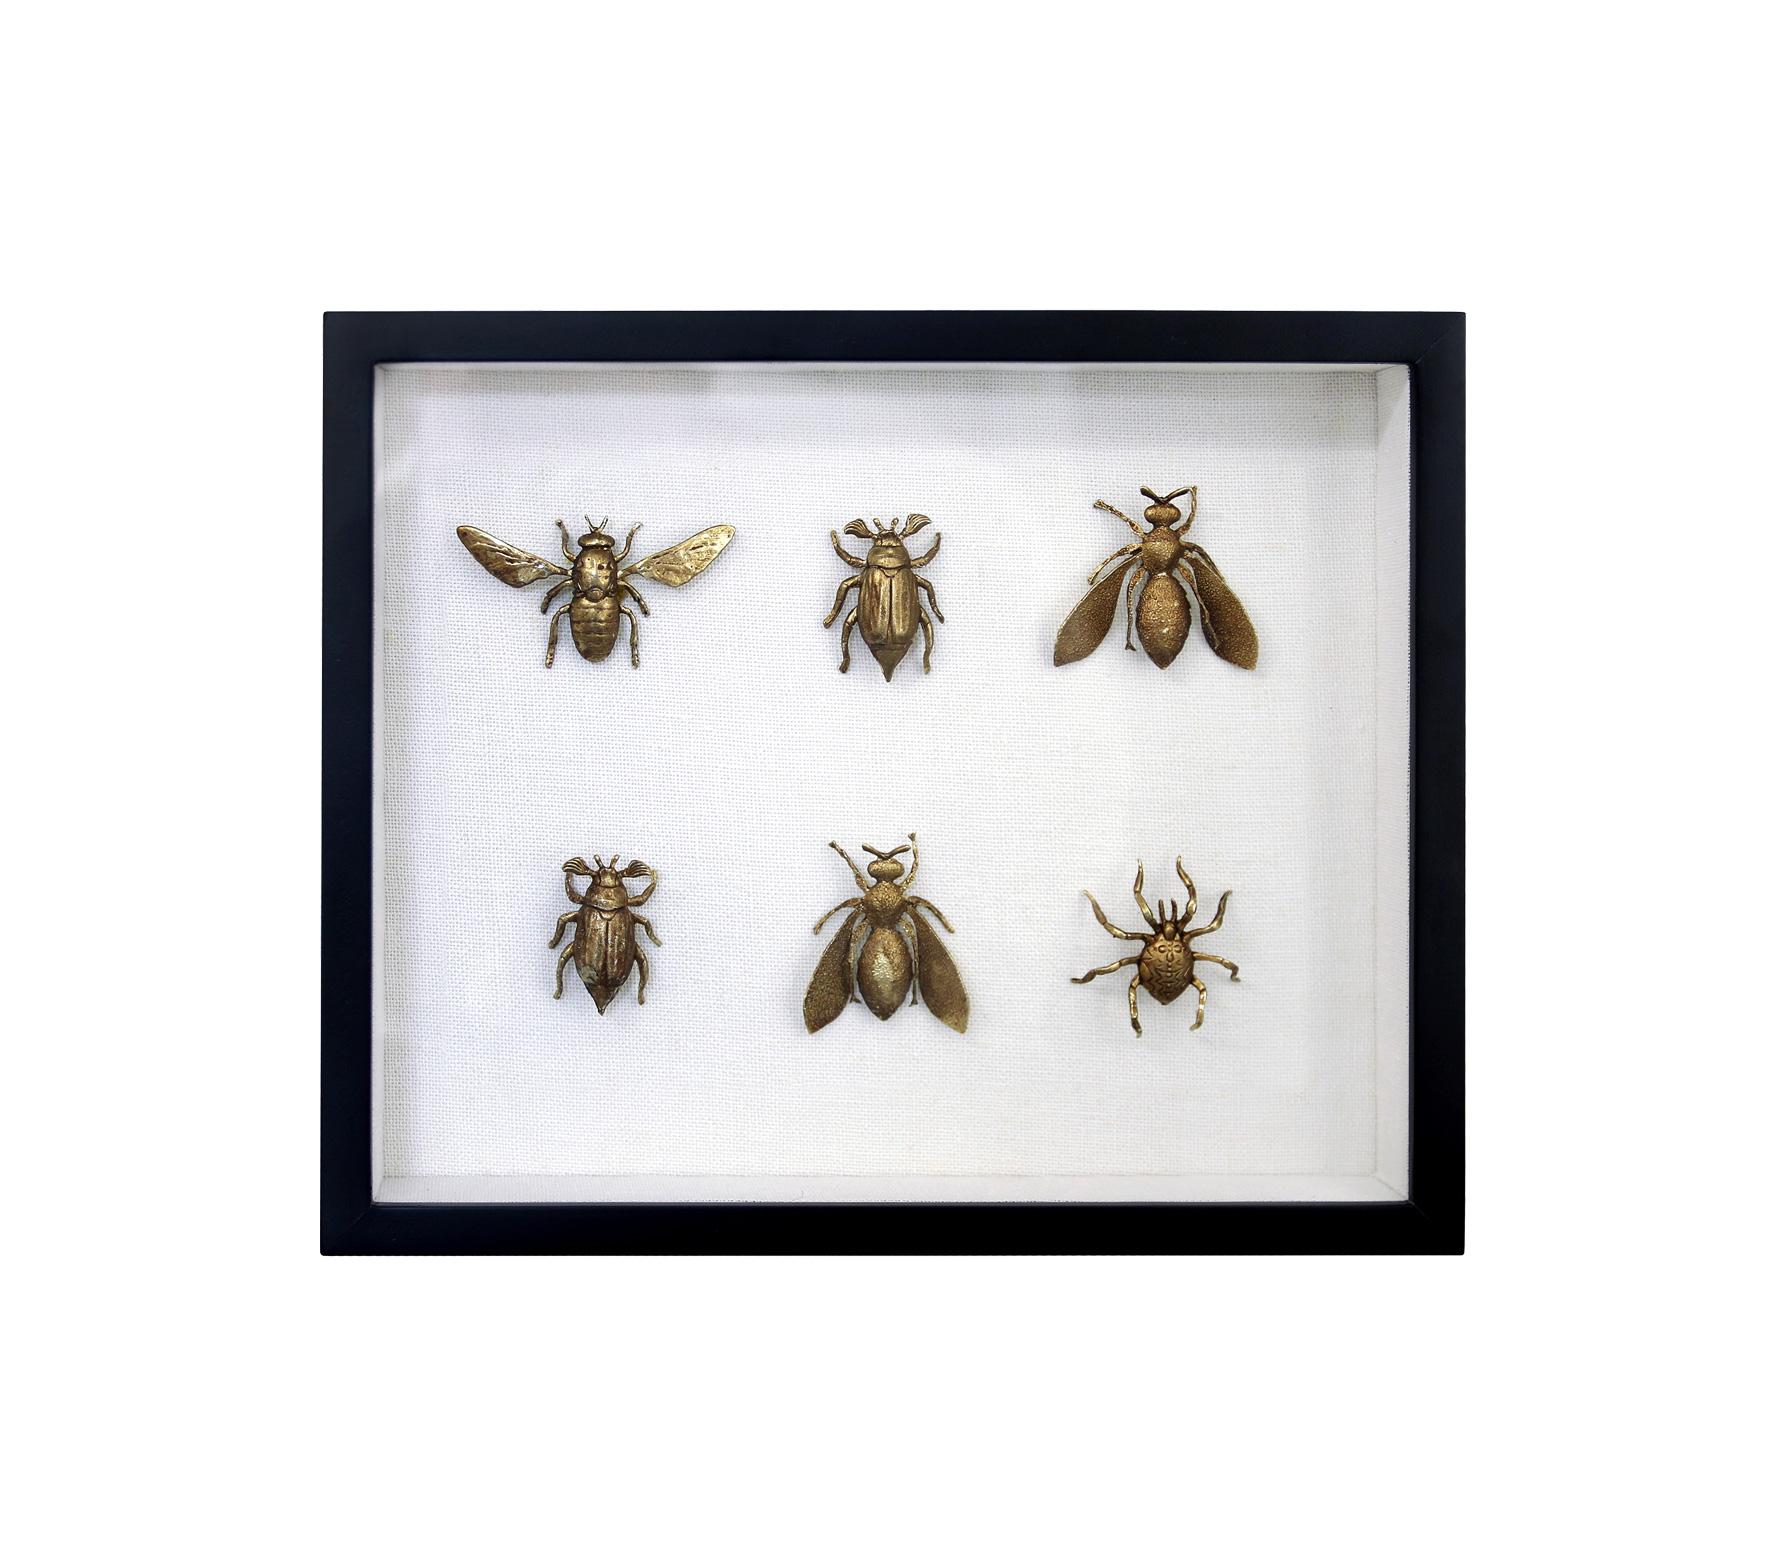 HKLiving Kunstlijst zwart met messing insecten in 3D